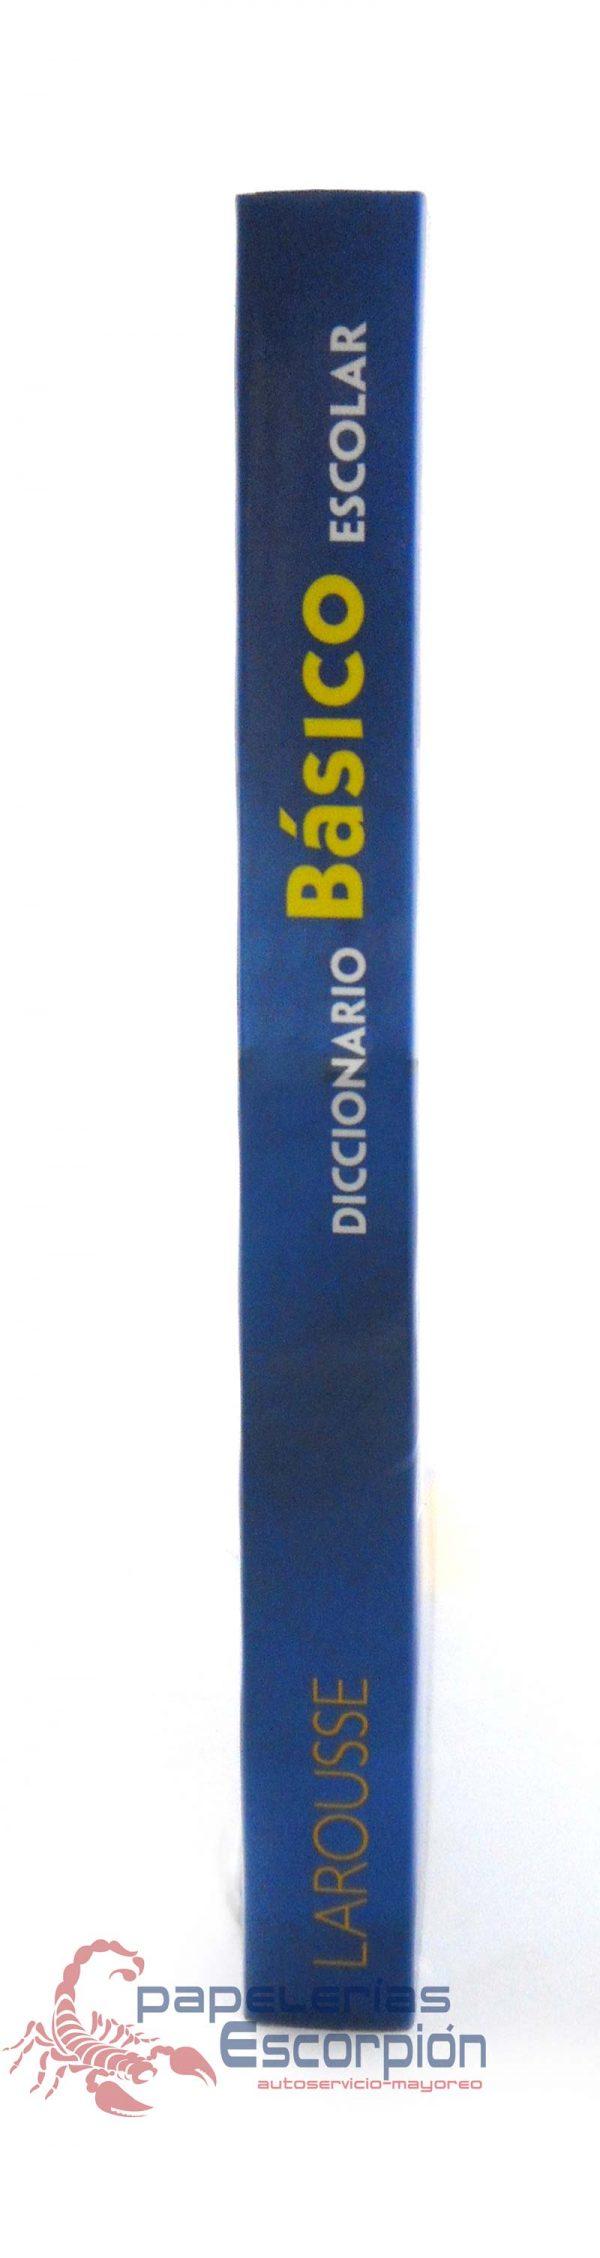 Diccionario Basico Escolar Azul Larousse